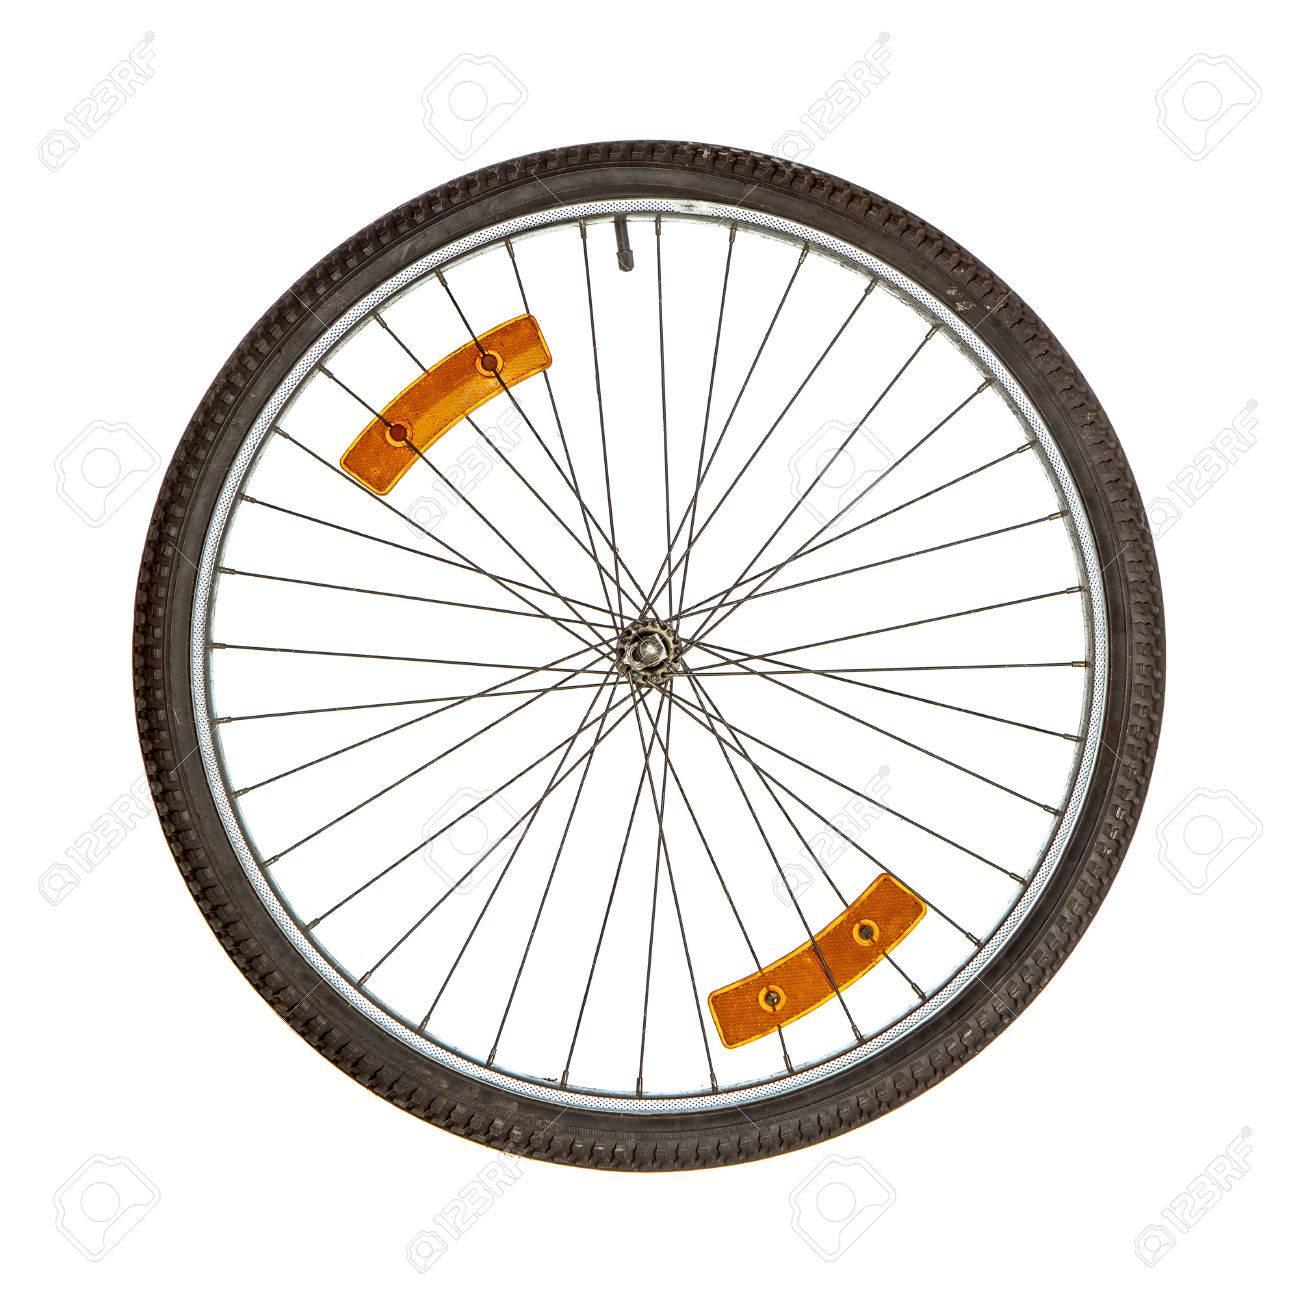 https://previews.123rf.com/images/verdateo/verdateo1506/verdateo150600093/41560295-wiel-van-de-fiets-met-twee-oranje-reflectoren-op-spikes-ge%C3%AFsoleerd-over-white.jpg